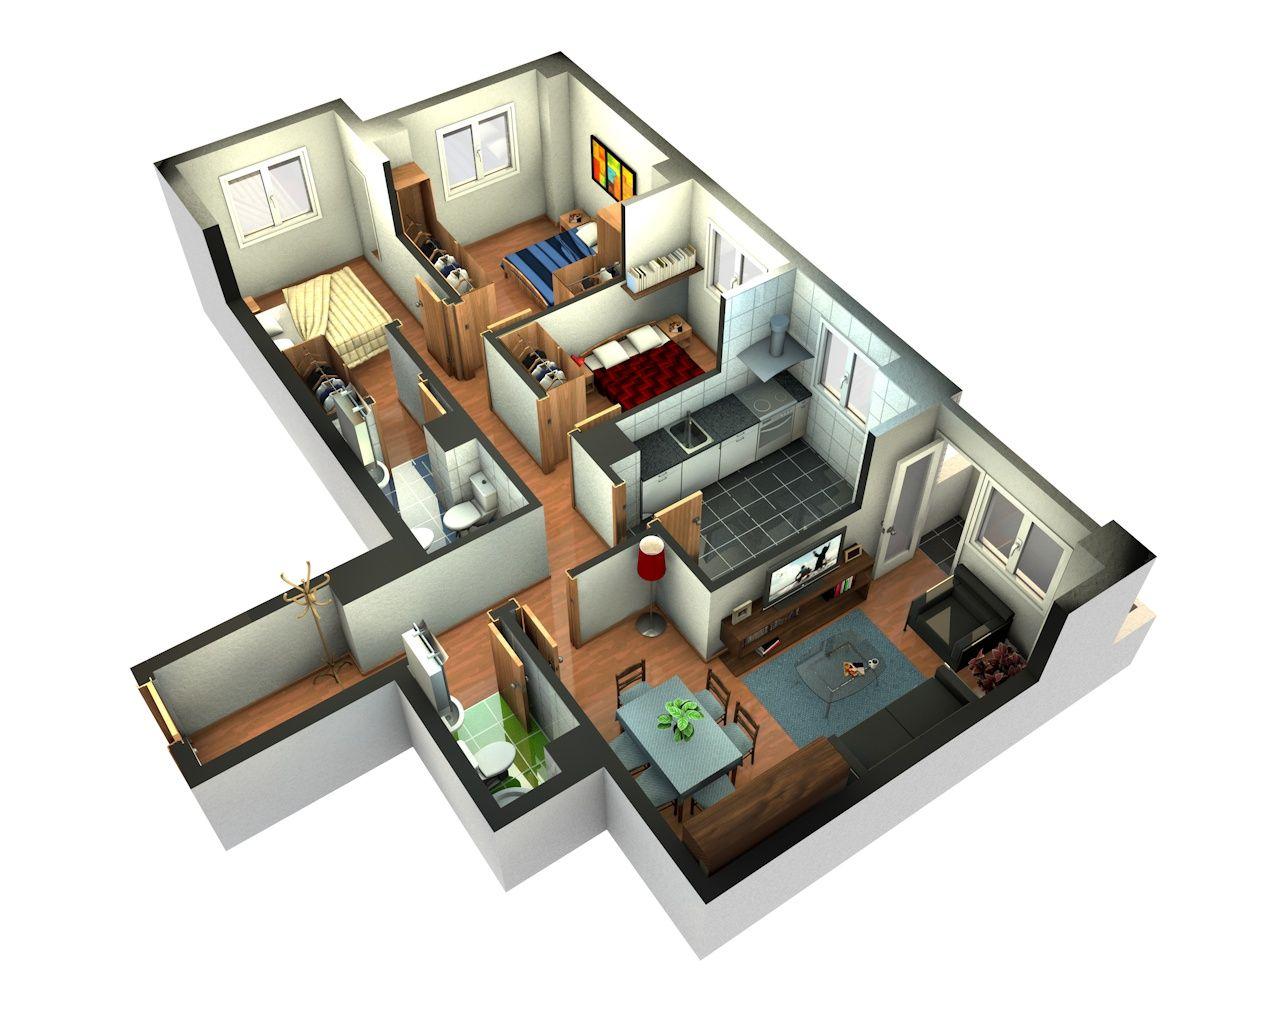 maquetas de casa modernas por dentro - Buscar con Google | แบบแปลน ...